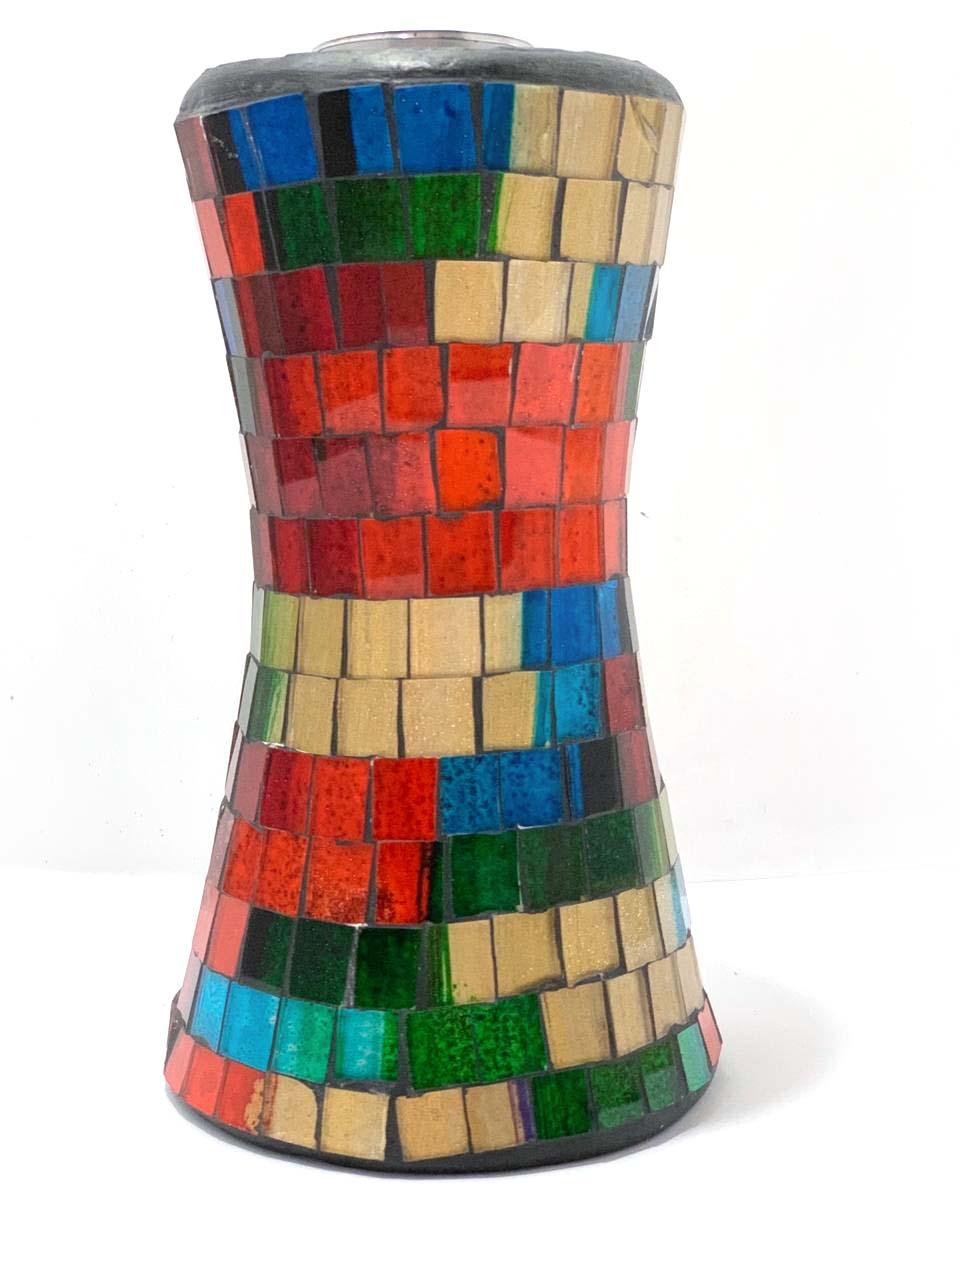 Castiçal de Cerâmica e Mosaico de Vidro Colorido ( 18 x 10 cm )